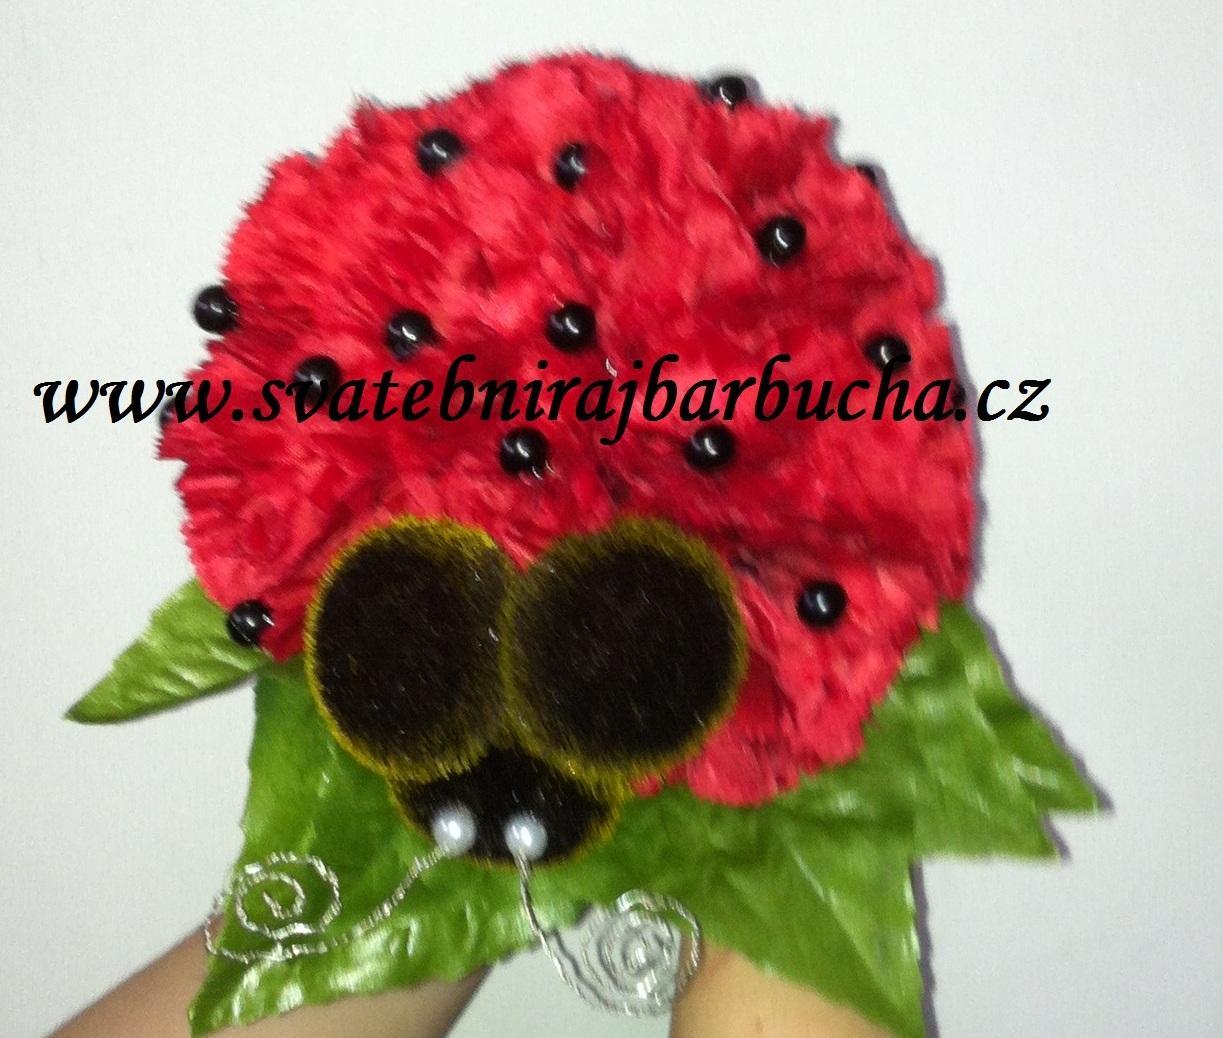 Netradiční svatební kytice - pěnové růžičky + polštářky pod prstýnky, košíčky - Obrázek č. 59